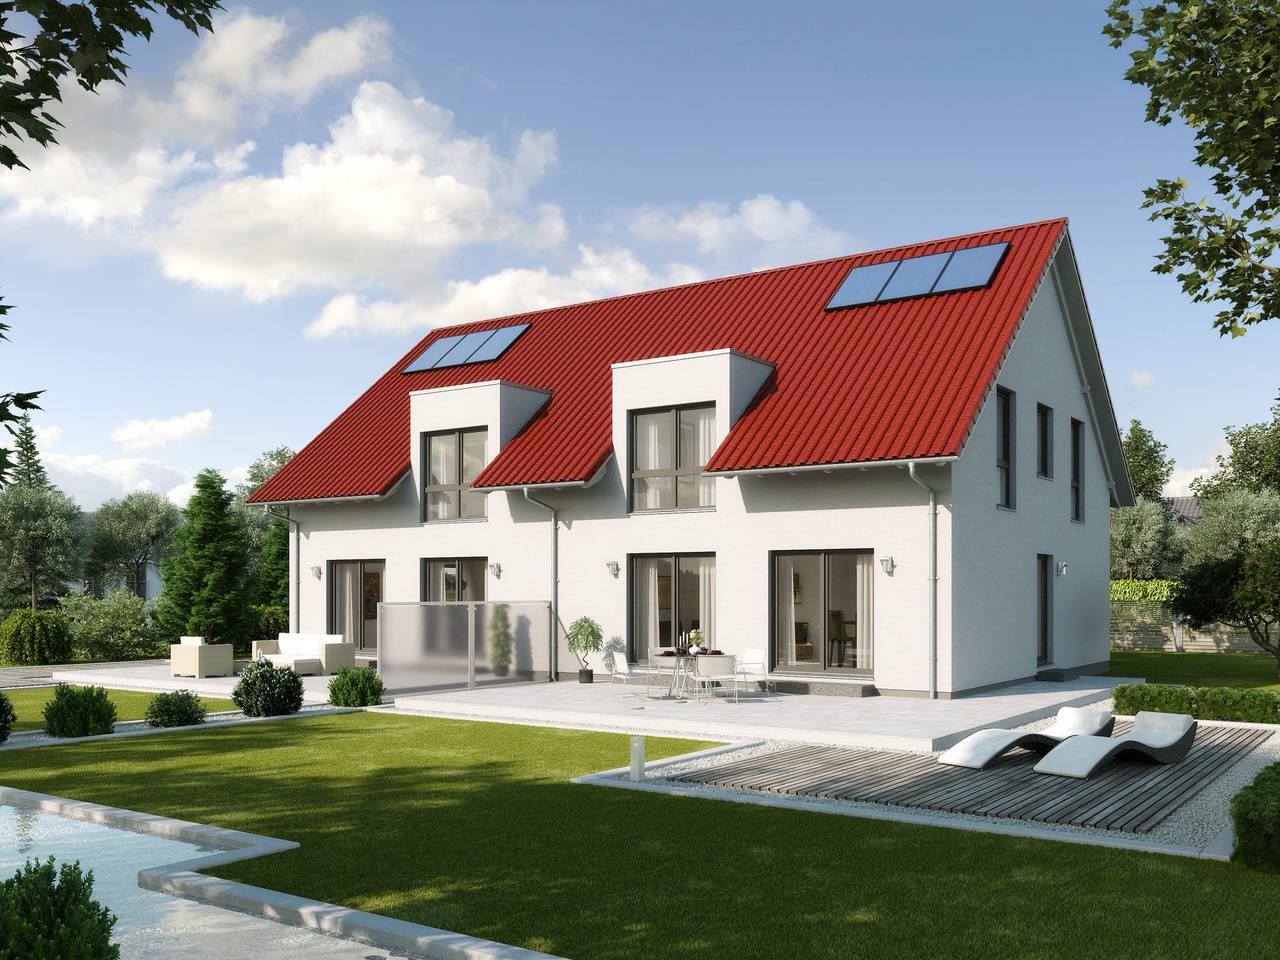 GUSSEK-HAUS - Doppelhaus Malmö